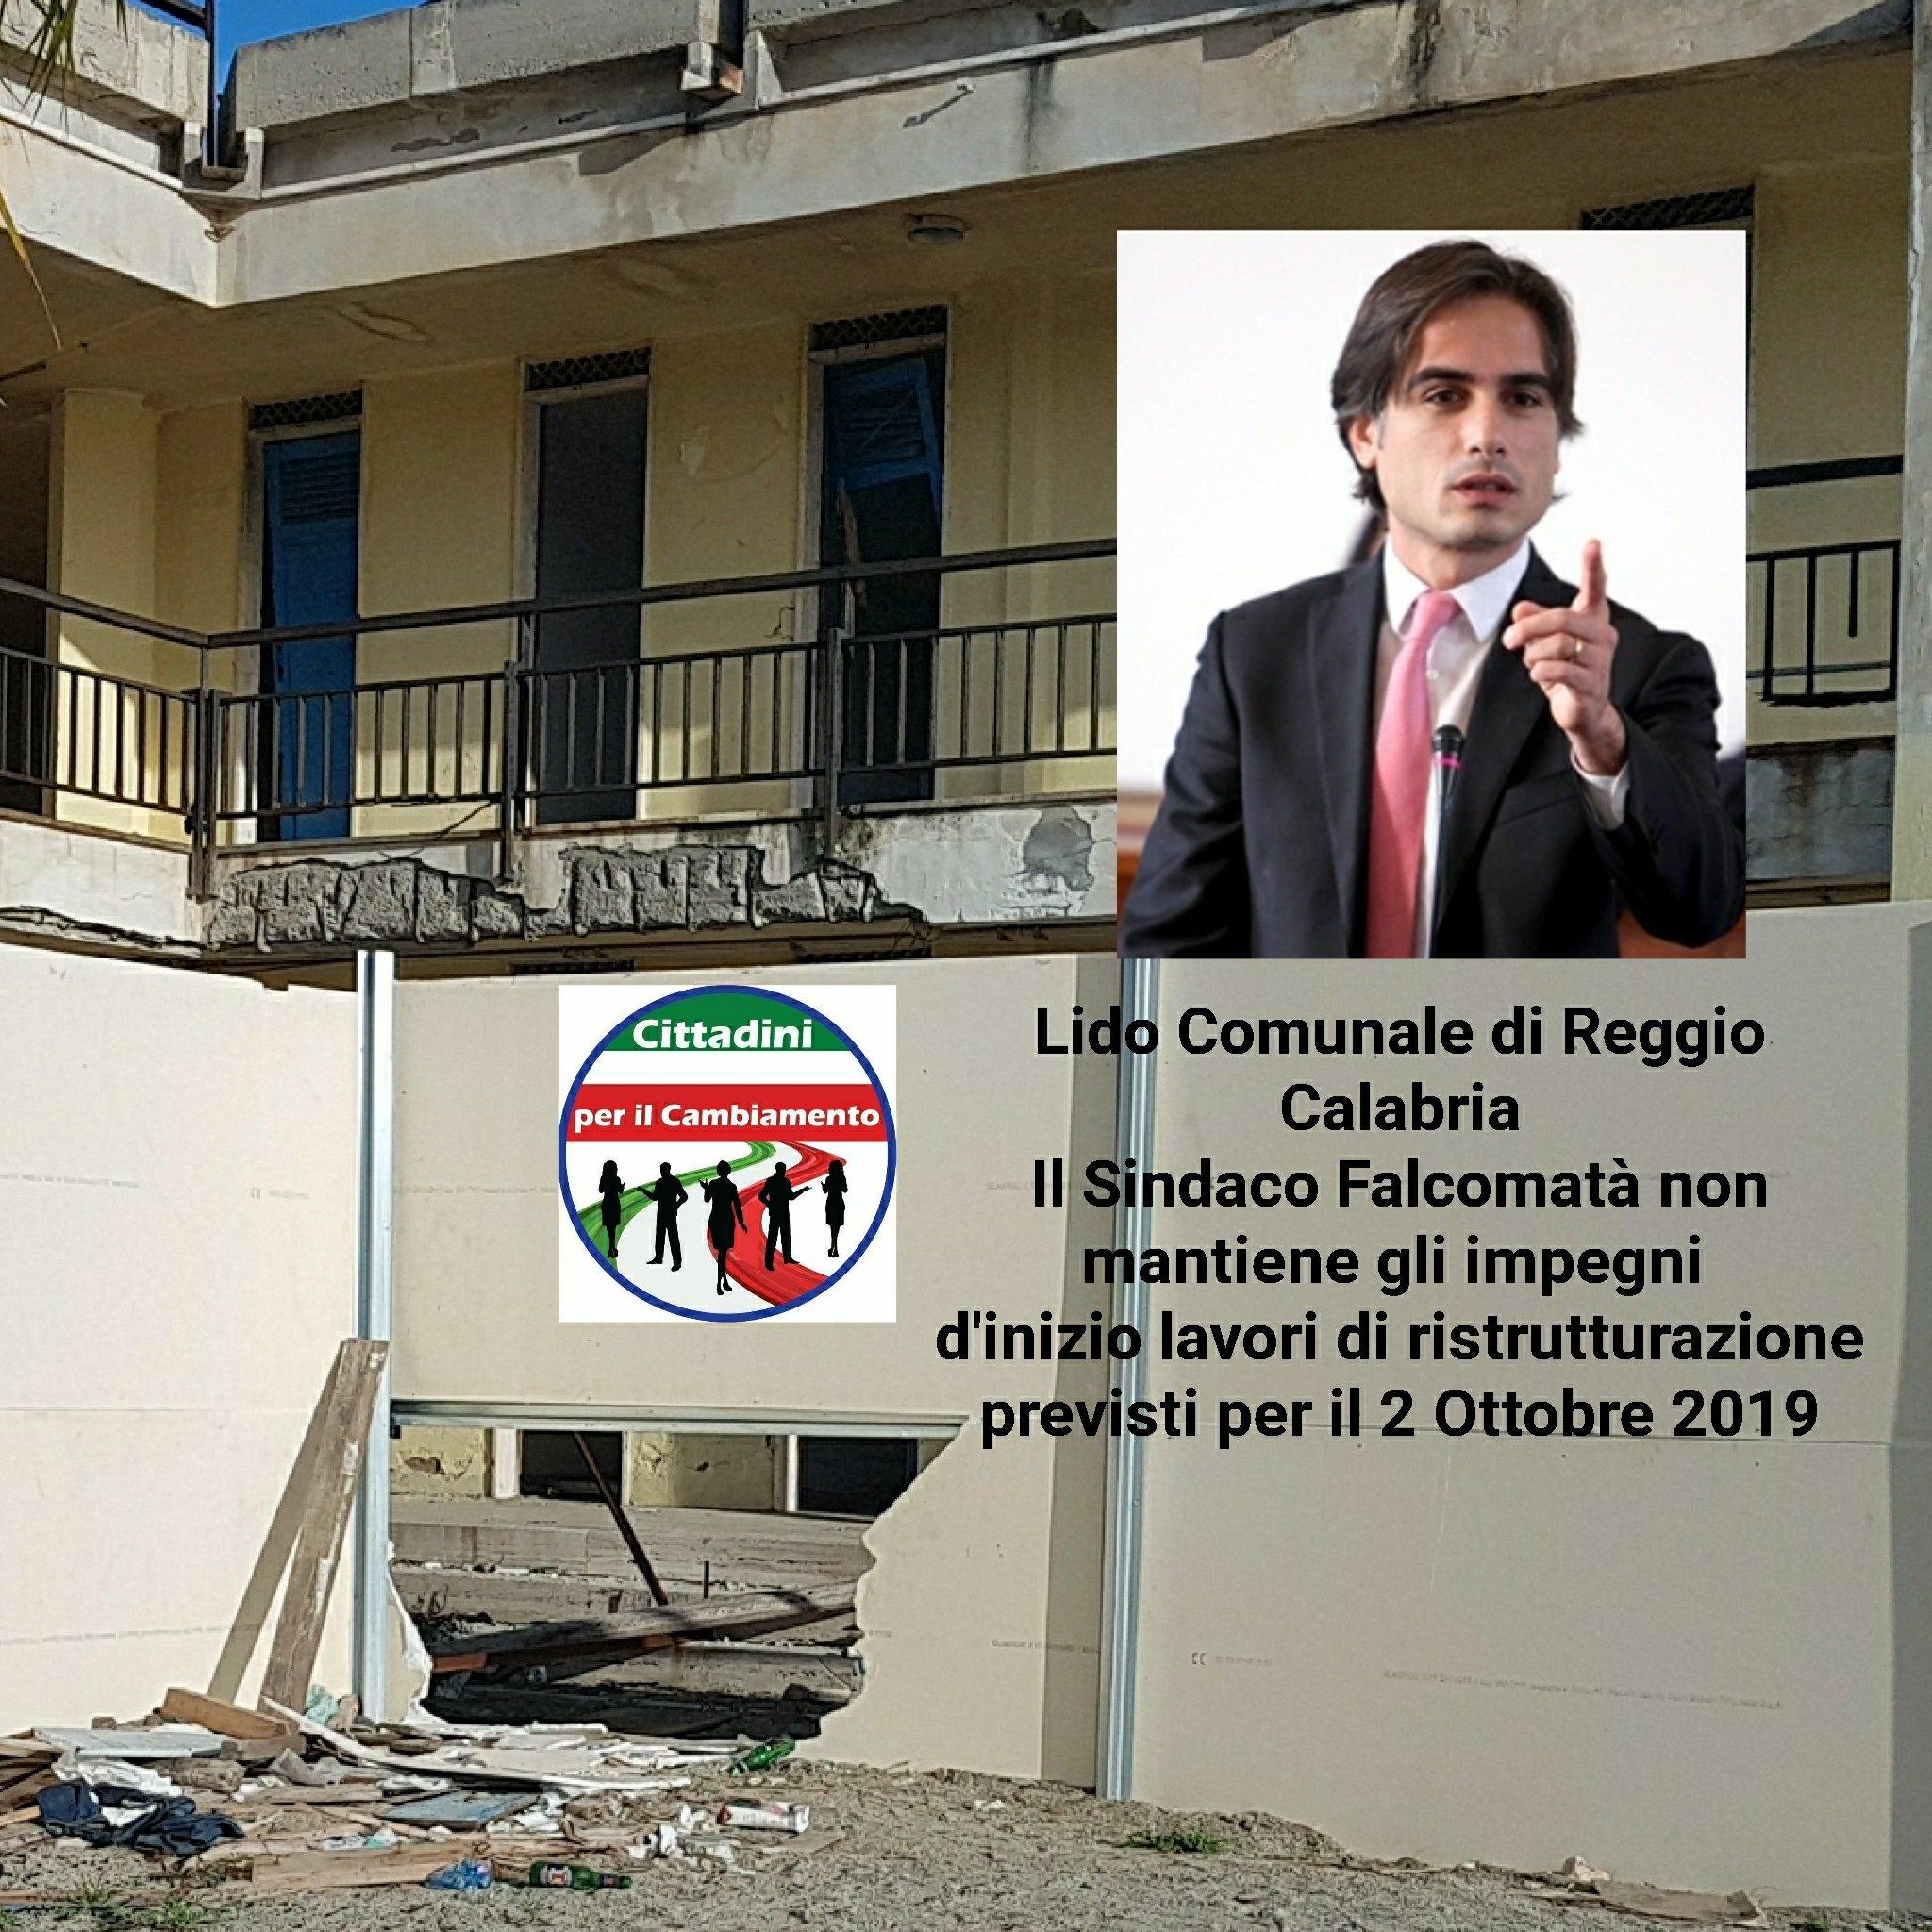 Nuccio Pizzimenti, Con il Lido Comumale in uno stato di completo abbandono e un porto che assomiglia ad un quadro di natura morta, Reggio Calabria non potrà mai diventare una Città turistica. 2